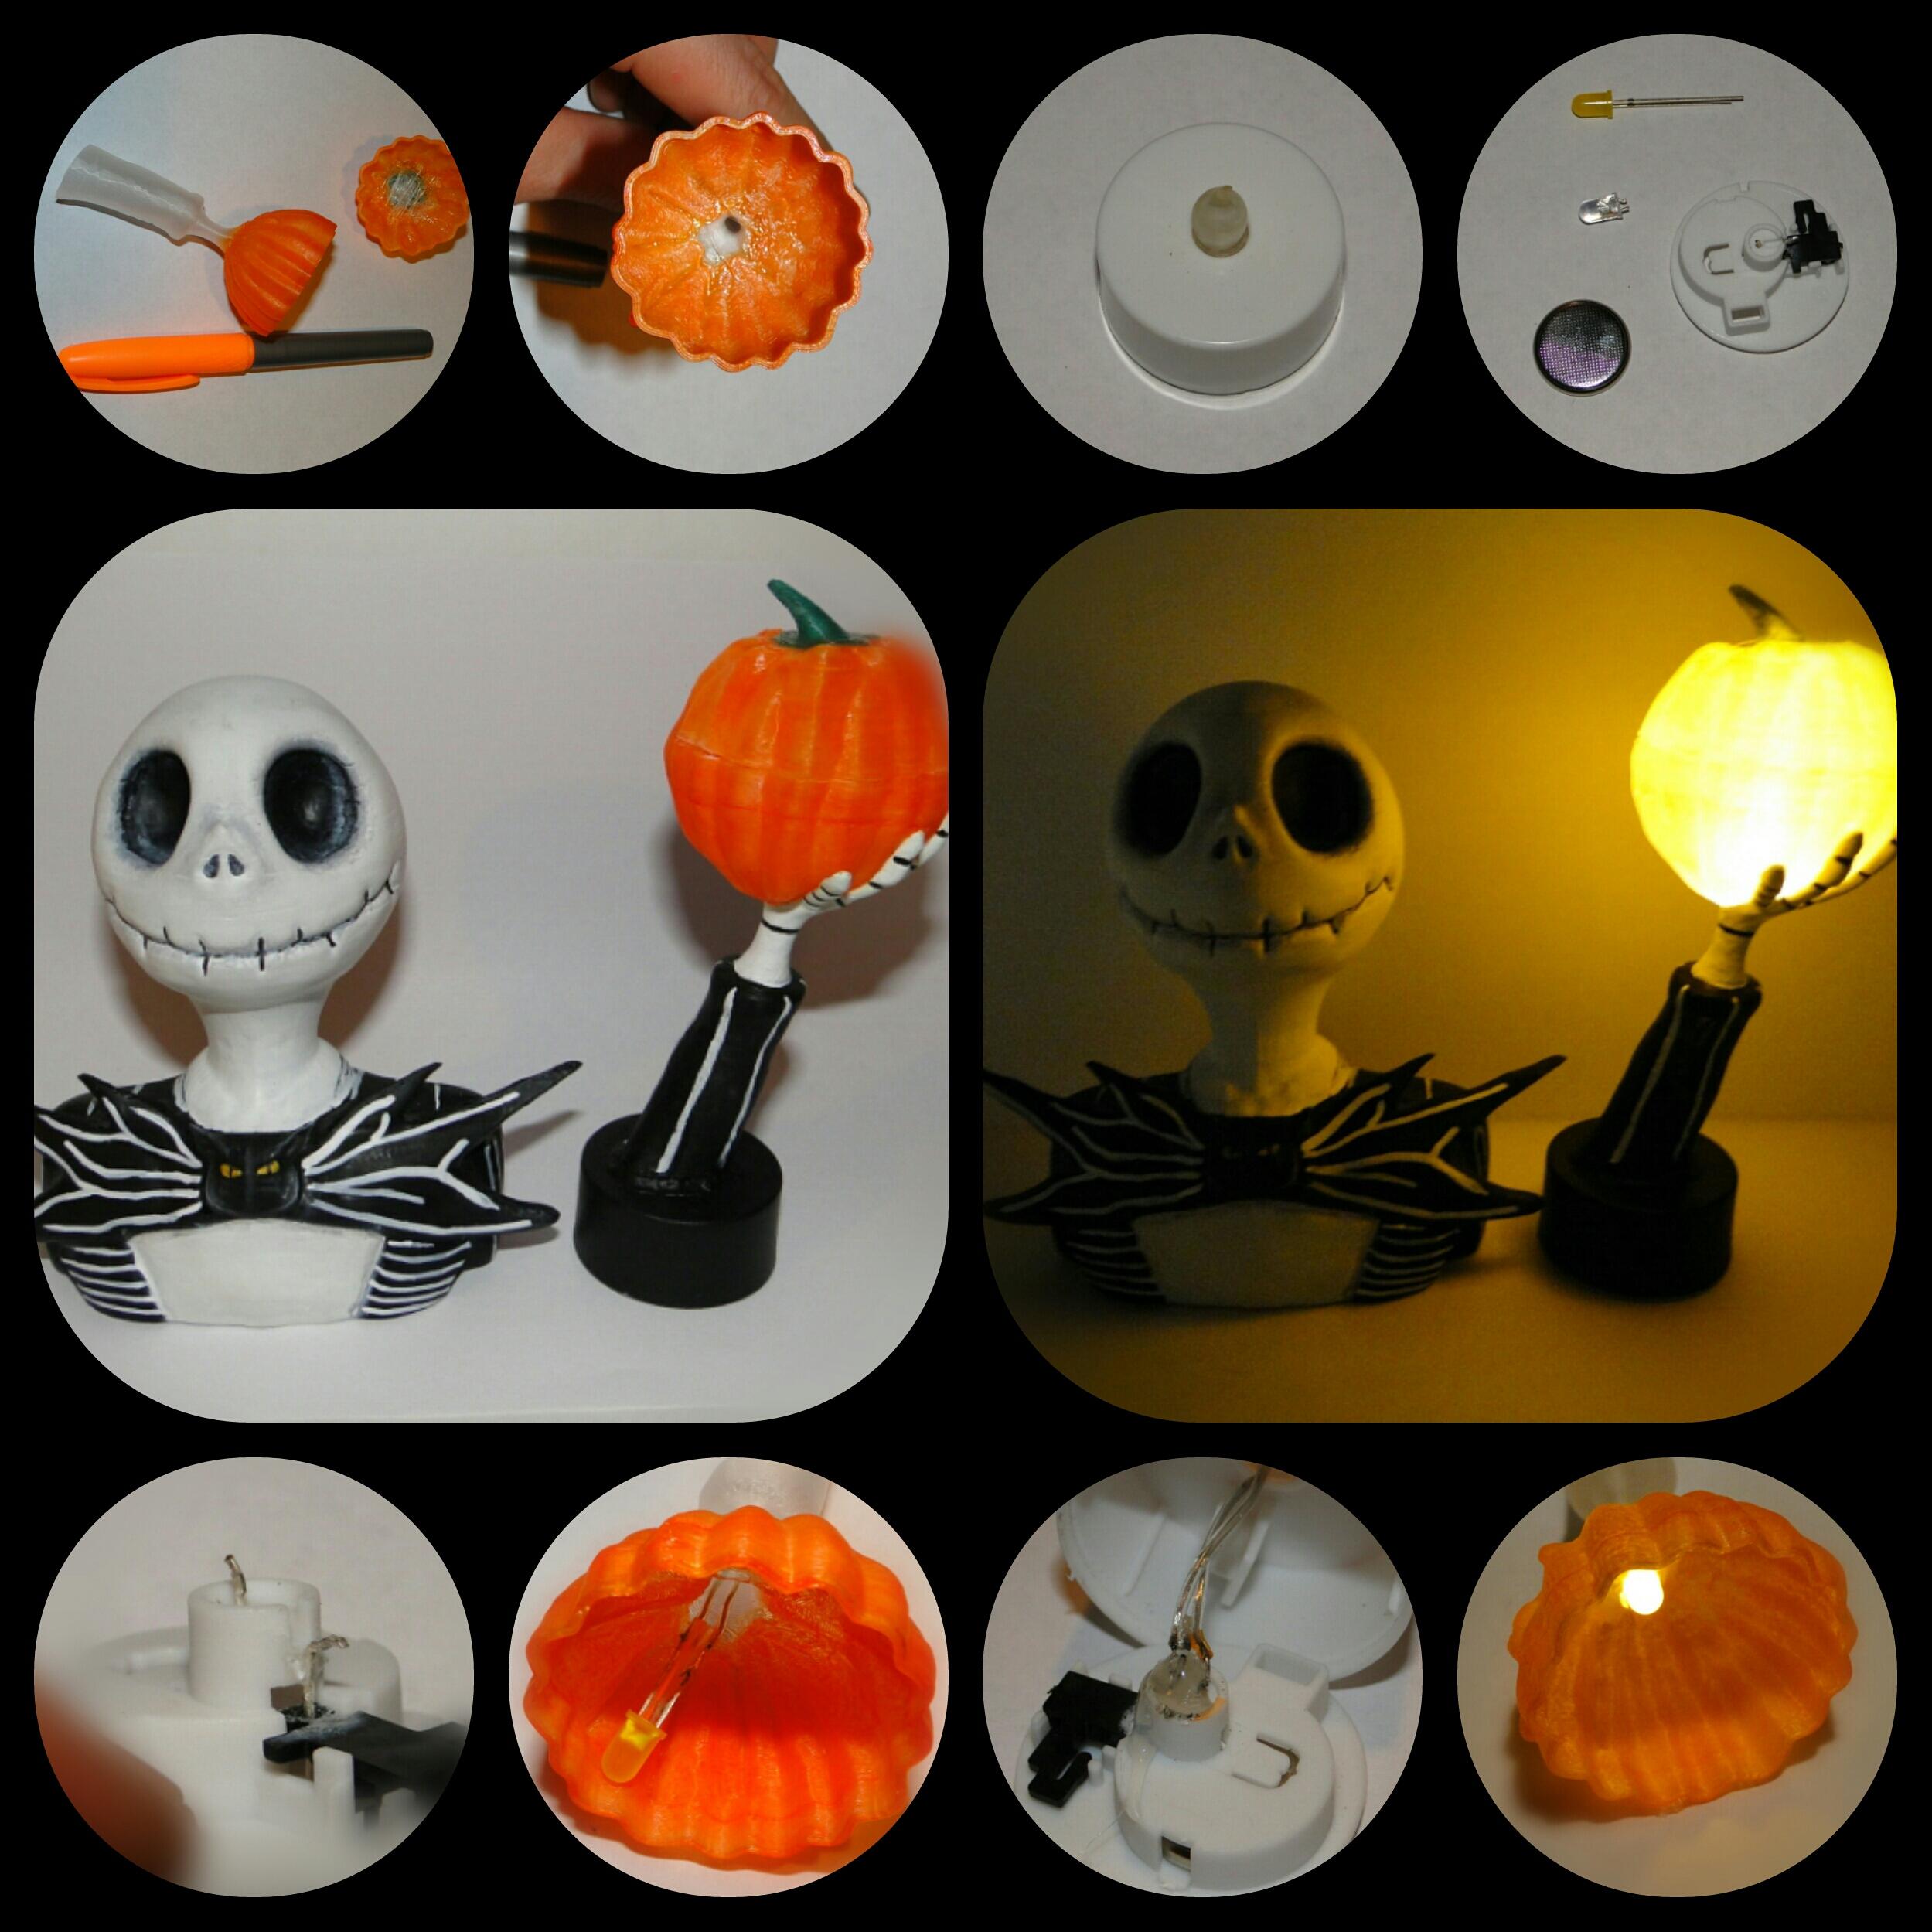 Nightmare before Christmas - Jack Skellington with Glowing Pumpkins ...